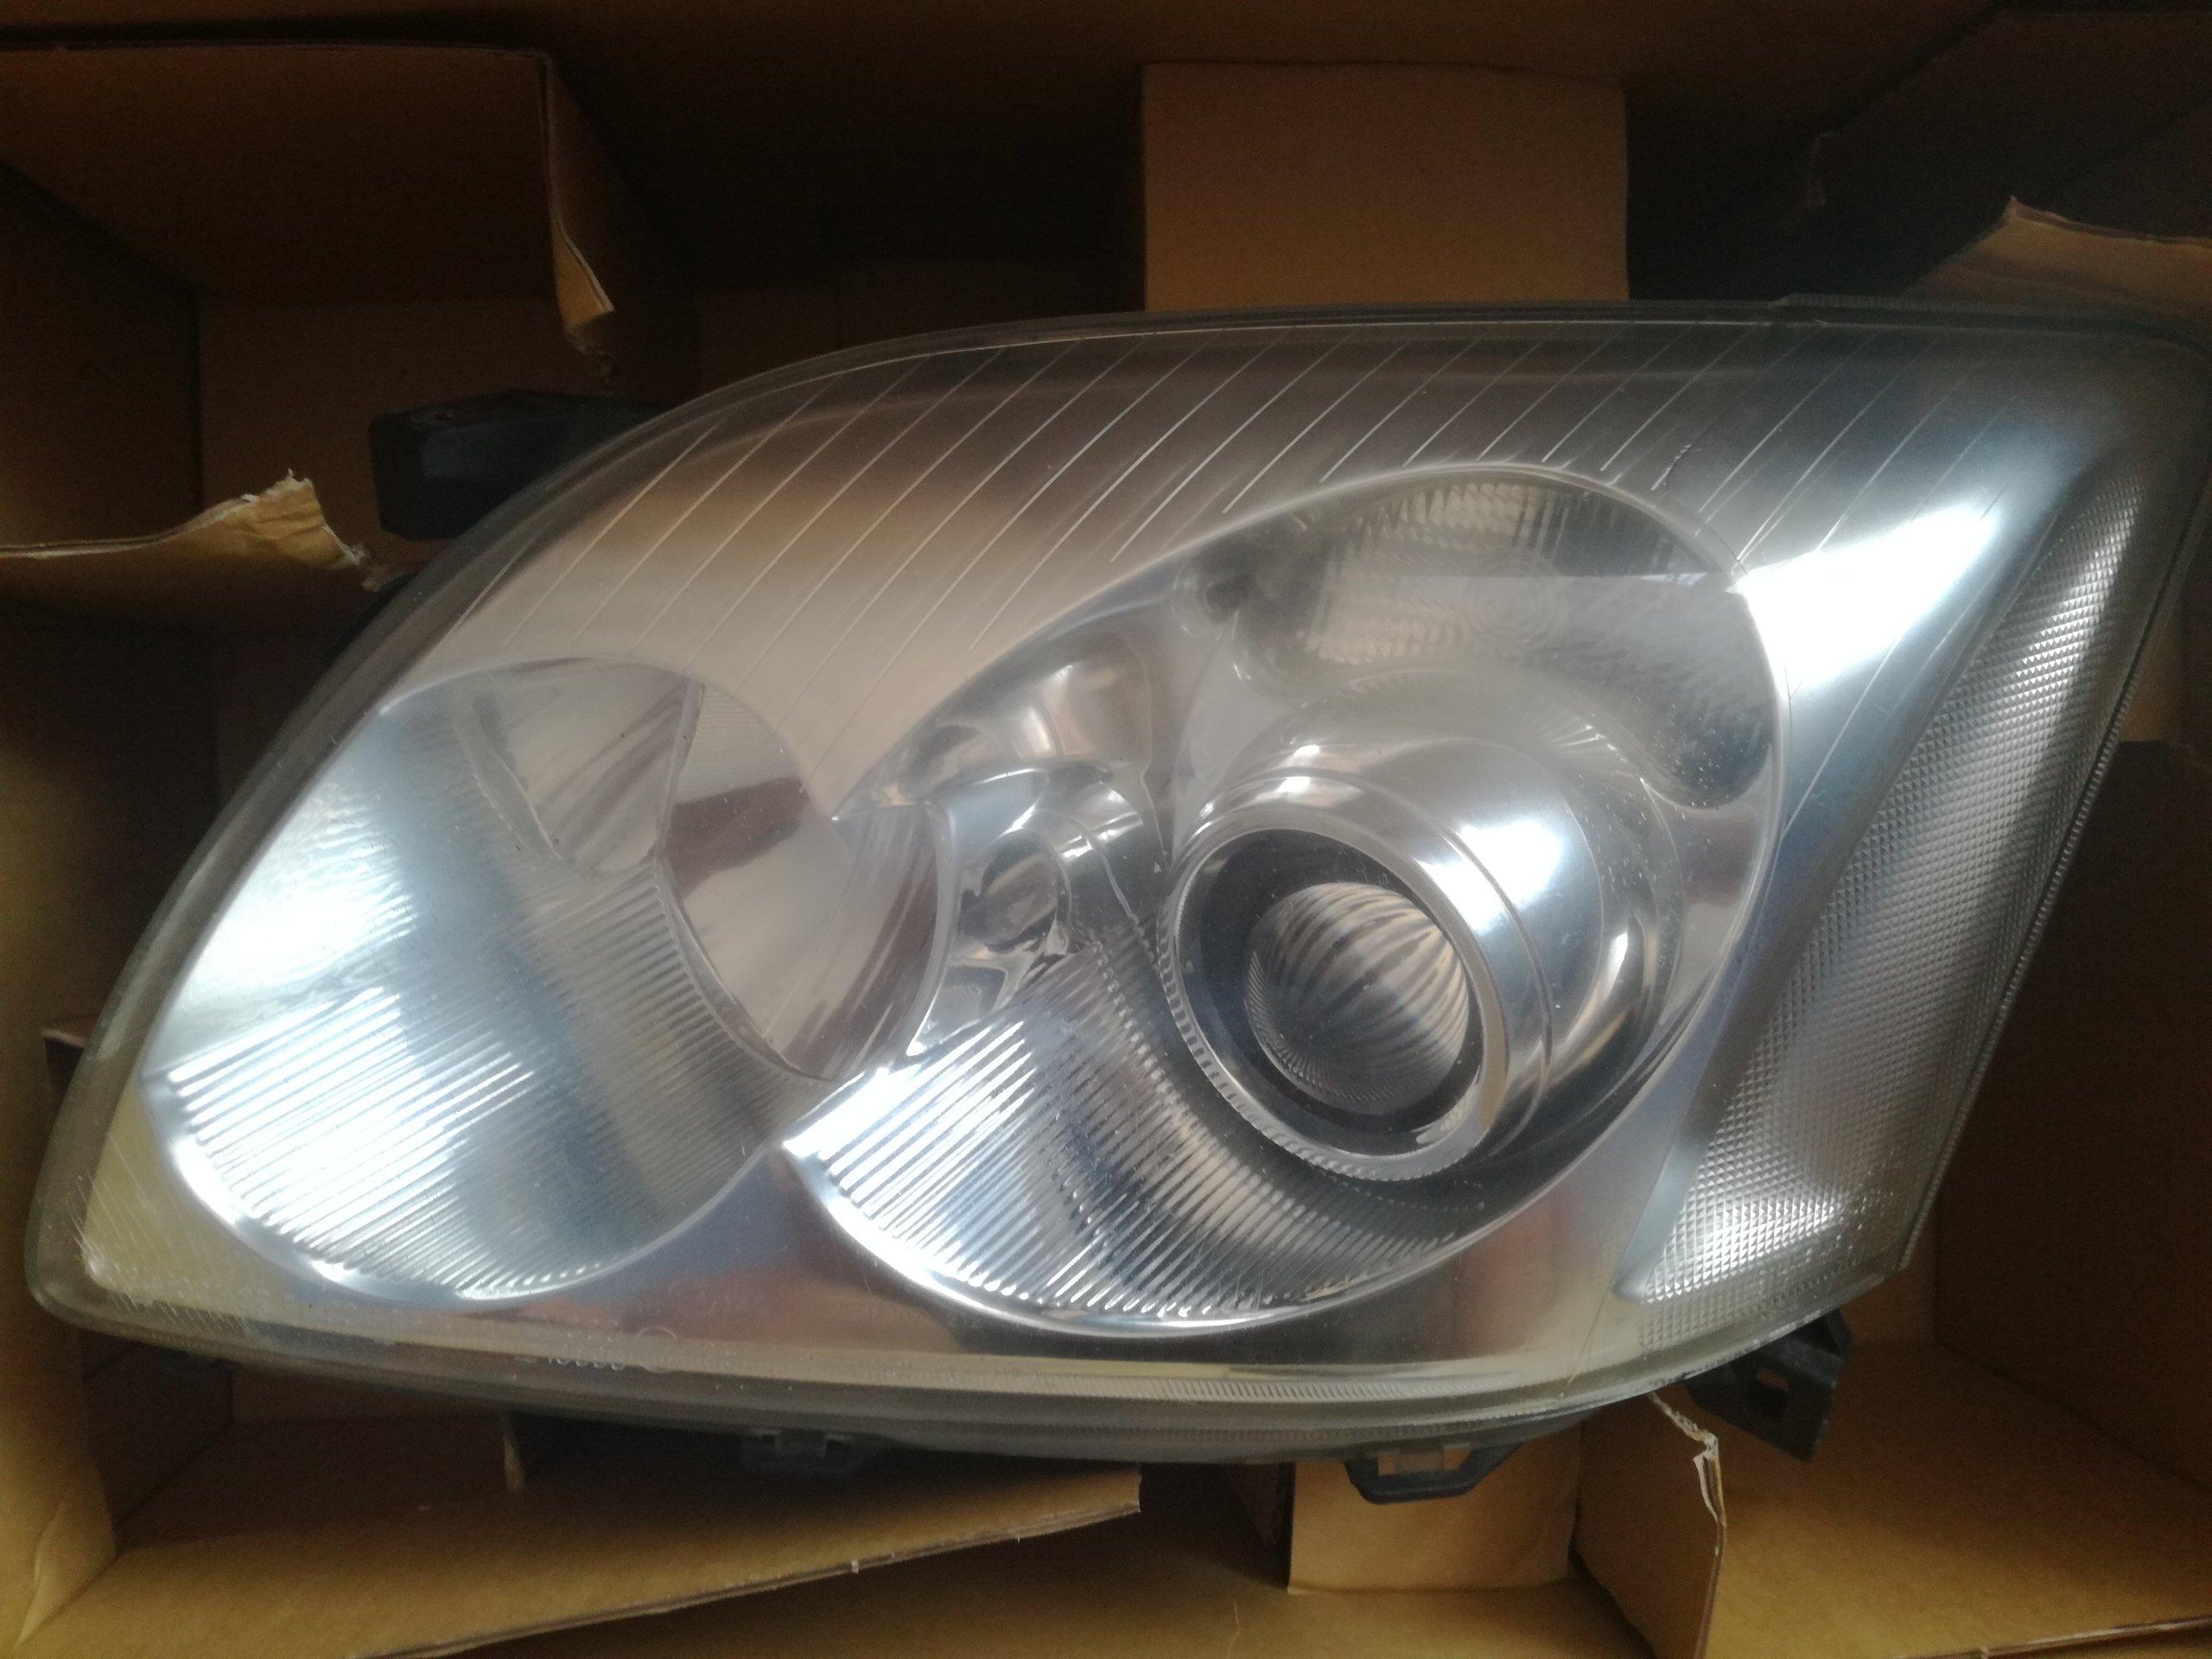 Lampy Przednie Reflektory Toyota Avensis T25 Eu 7340689236